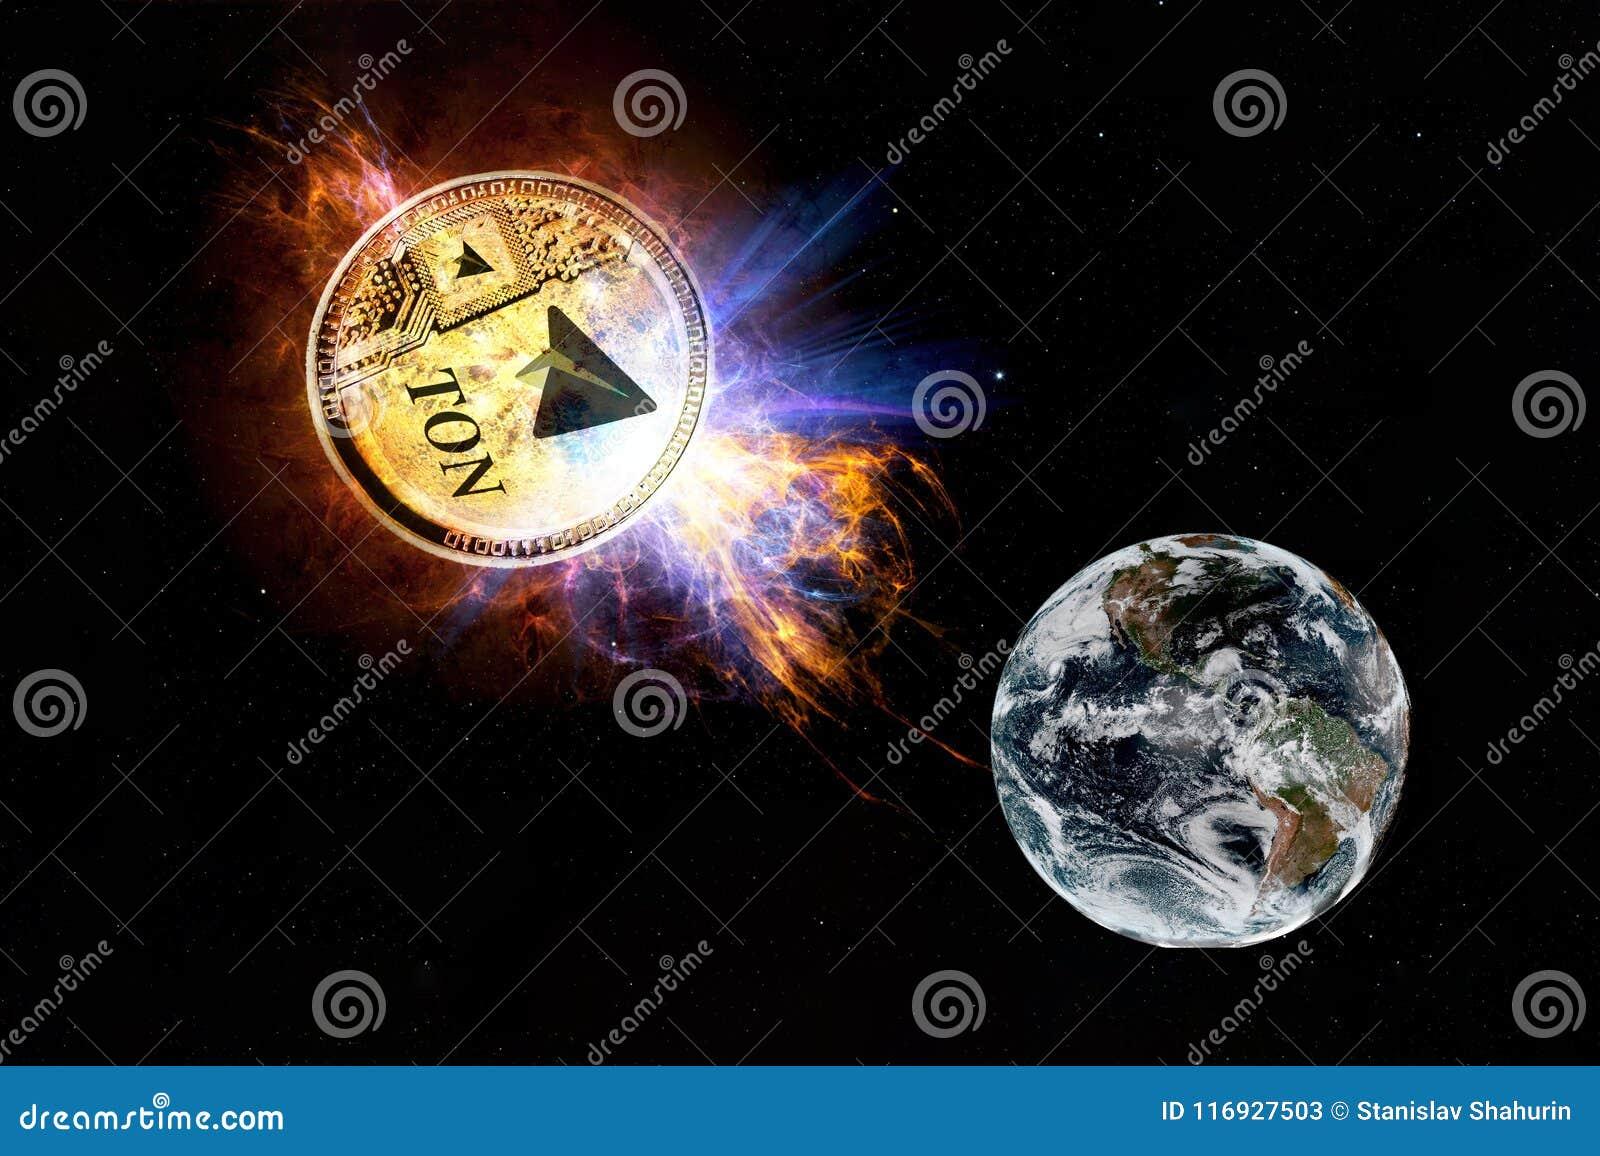 TONELADA de Cryptocurrency del telegrama La moneda de oro de la TONELADA baja a la tierra de la tierra del espacio y del ataque